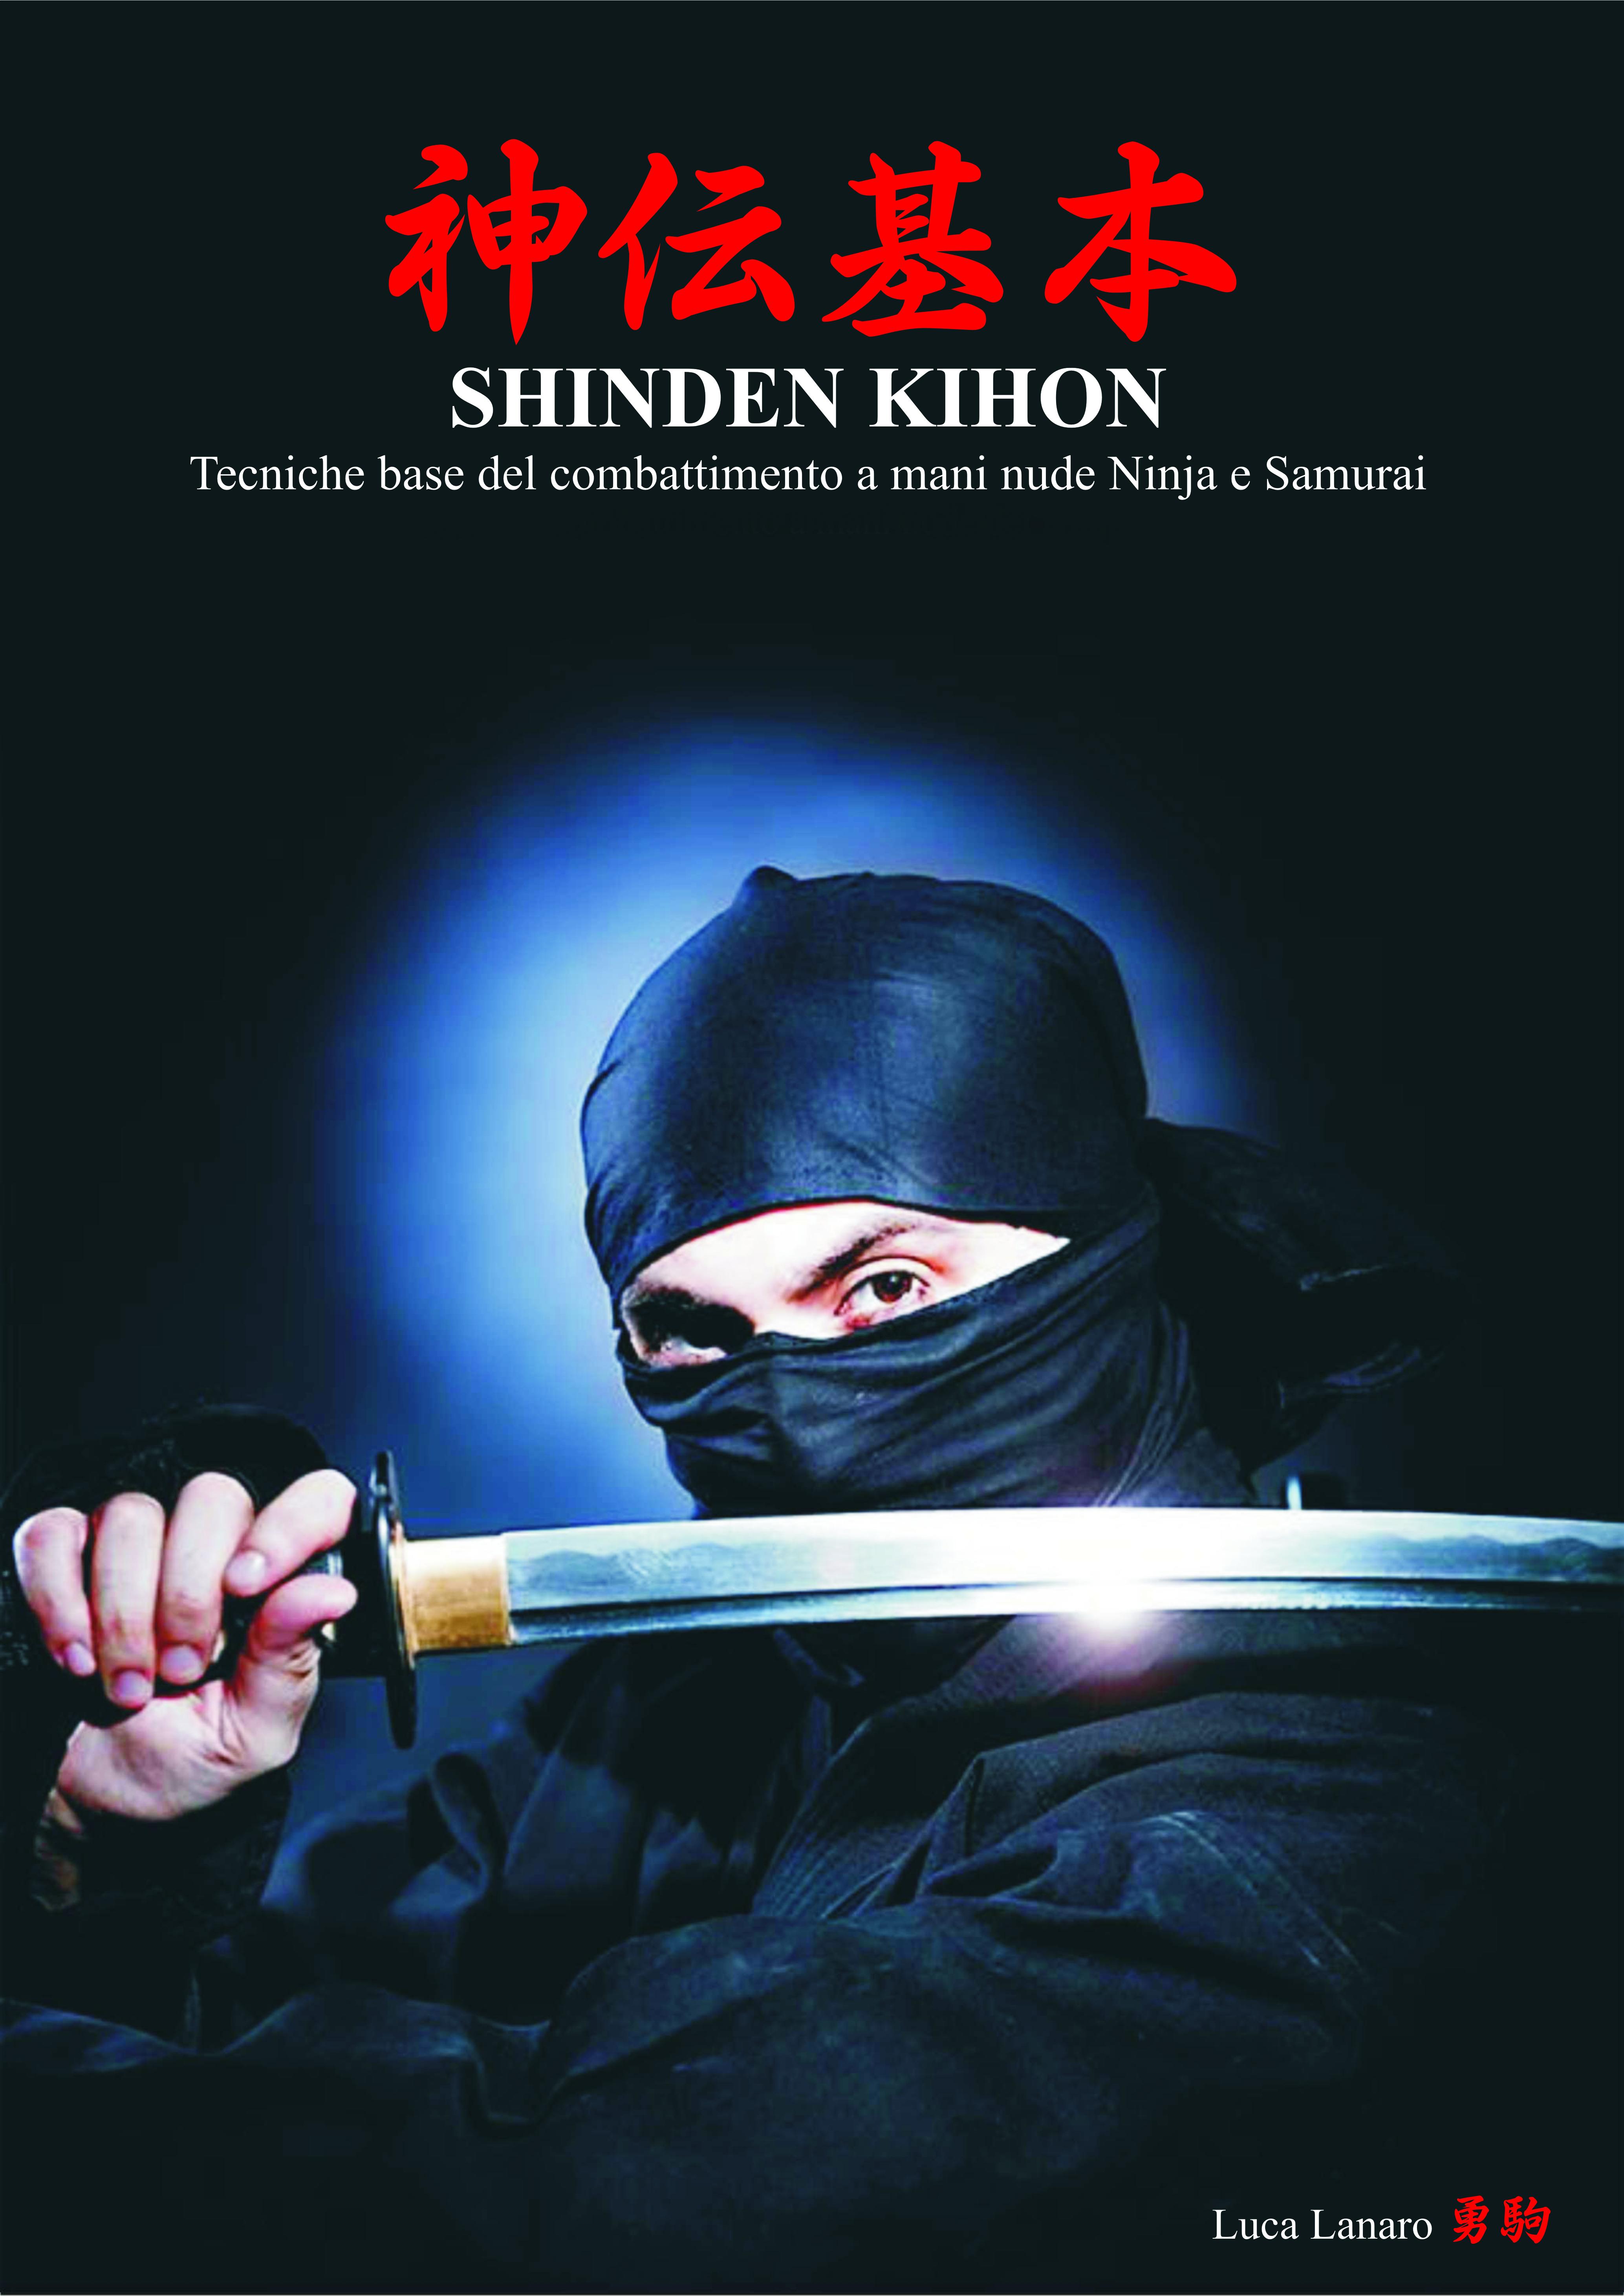 Shinden Kihon: Tecniche base del combattimento a mani nude ninja e samurai